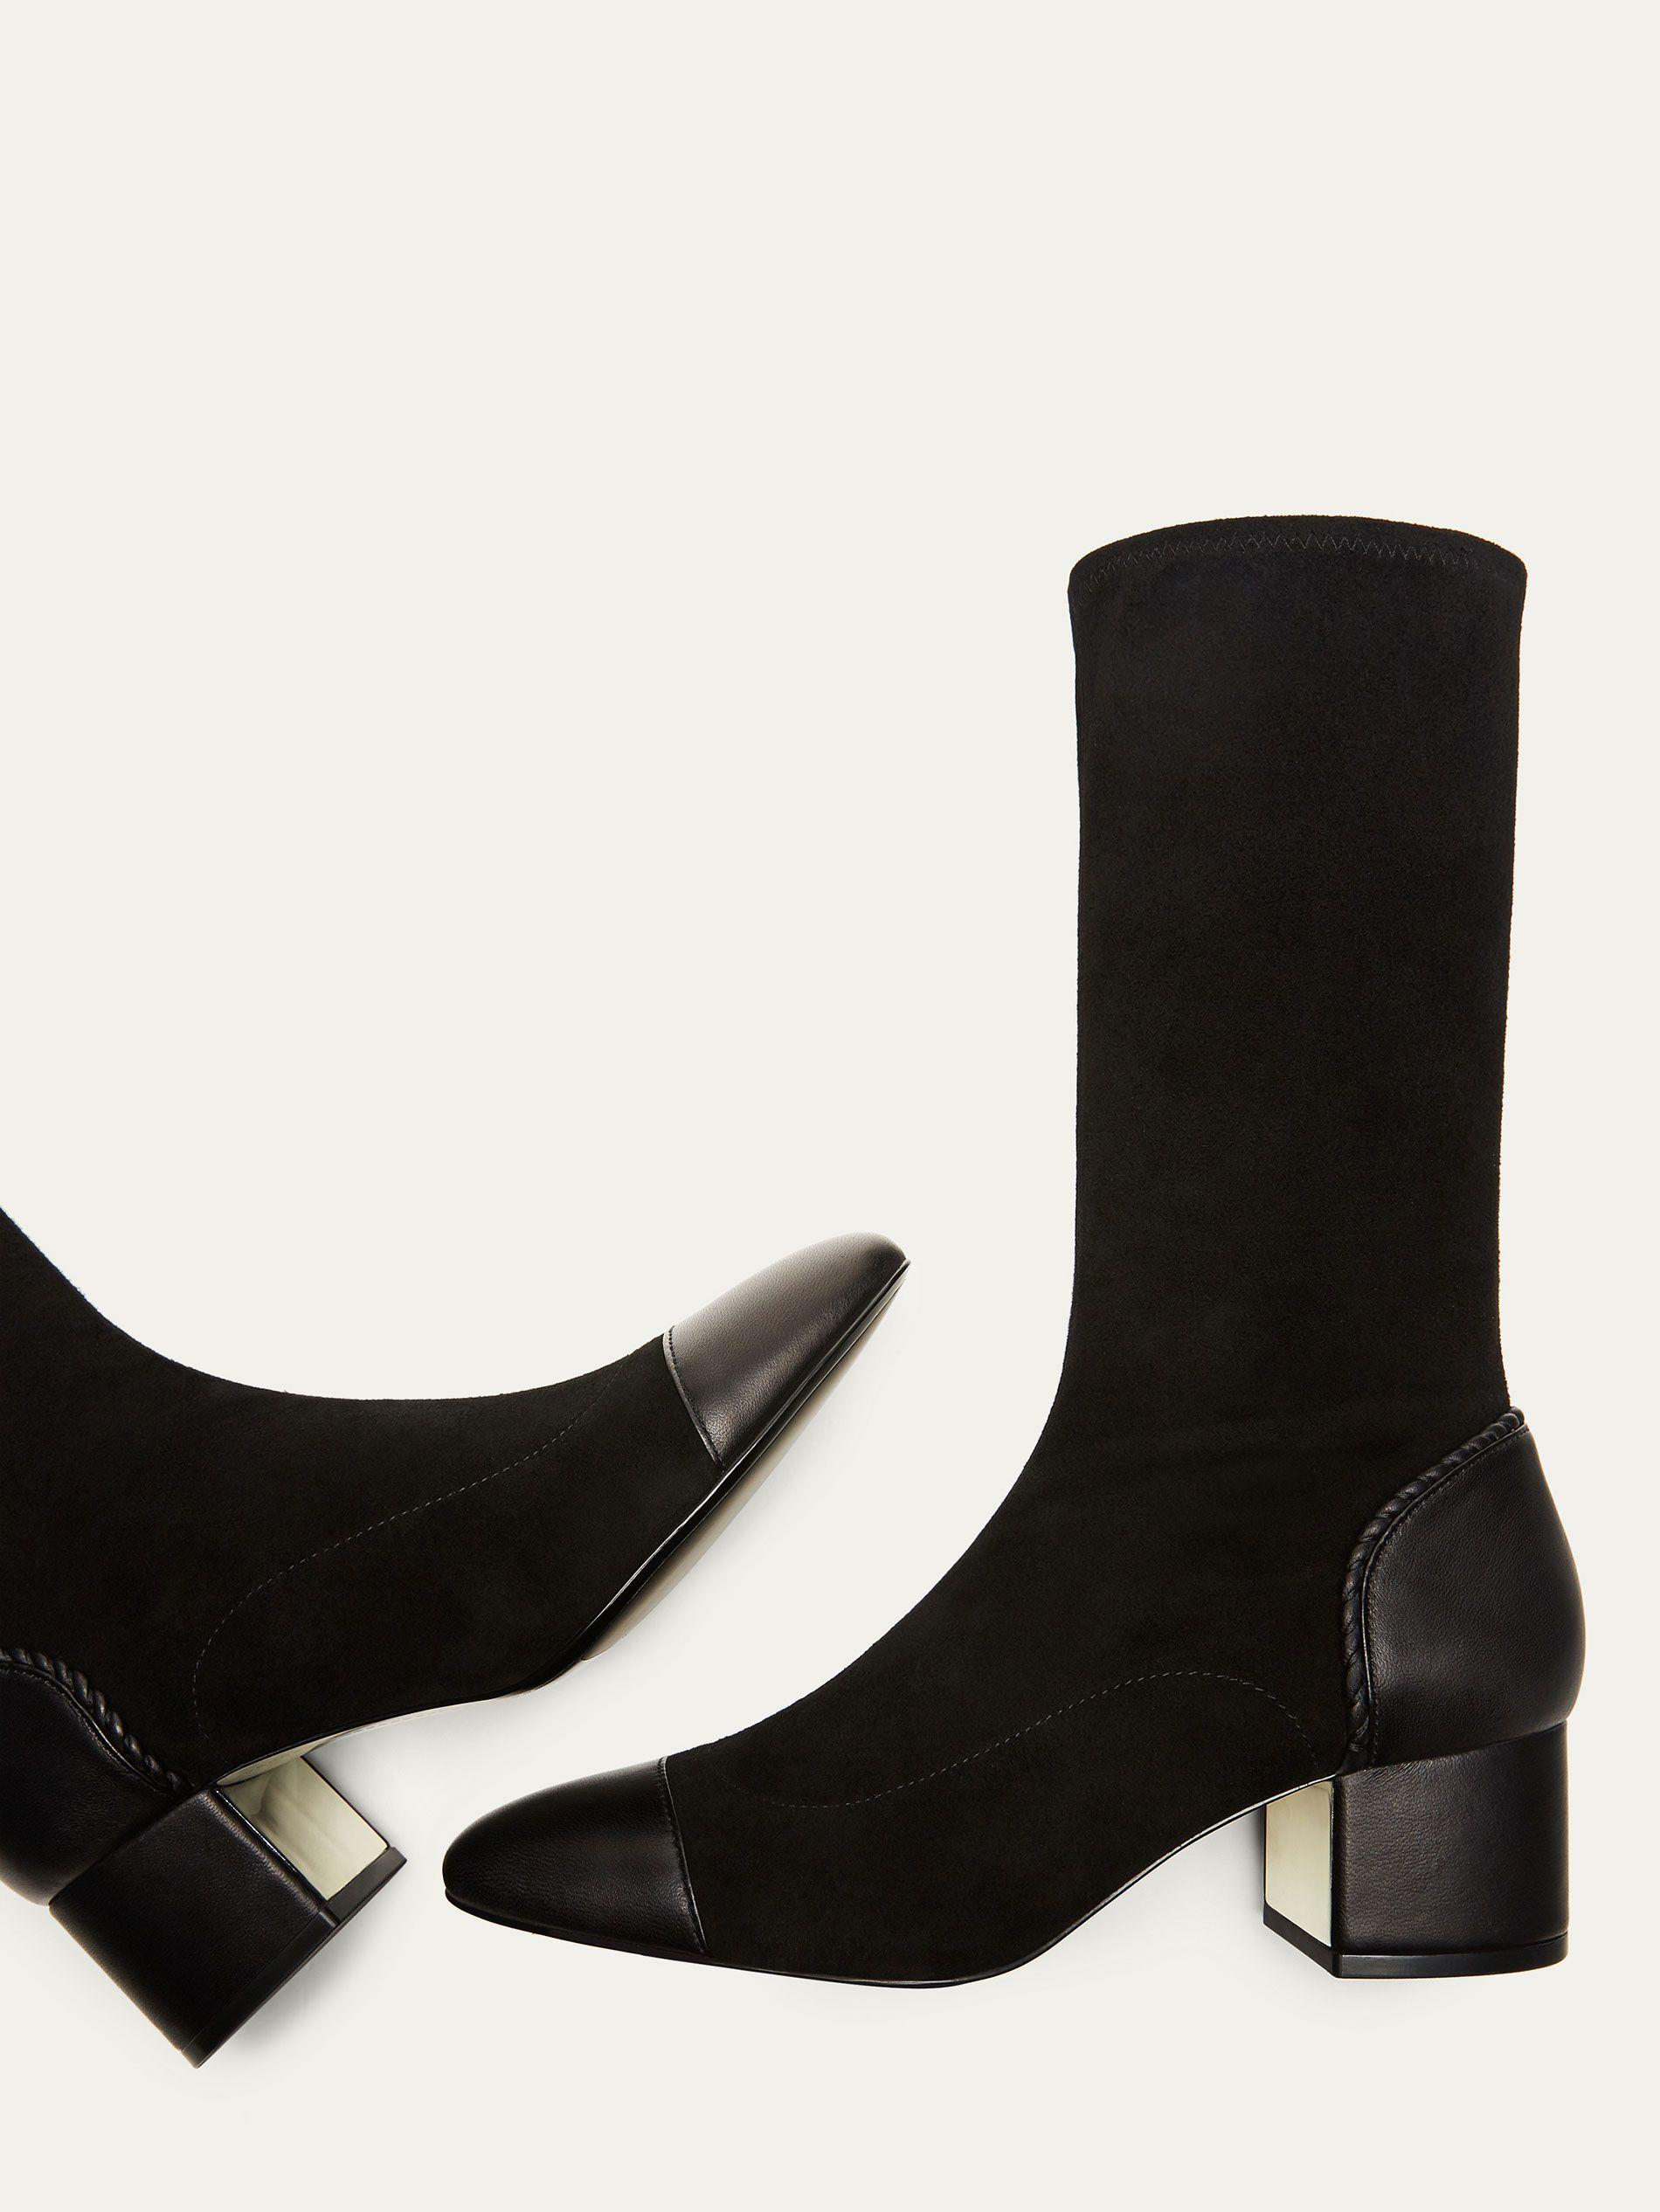 Chaussures FEMMES BOTTINE STRETCH NOIRE CUIR pour DAIM rCoedWxB